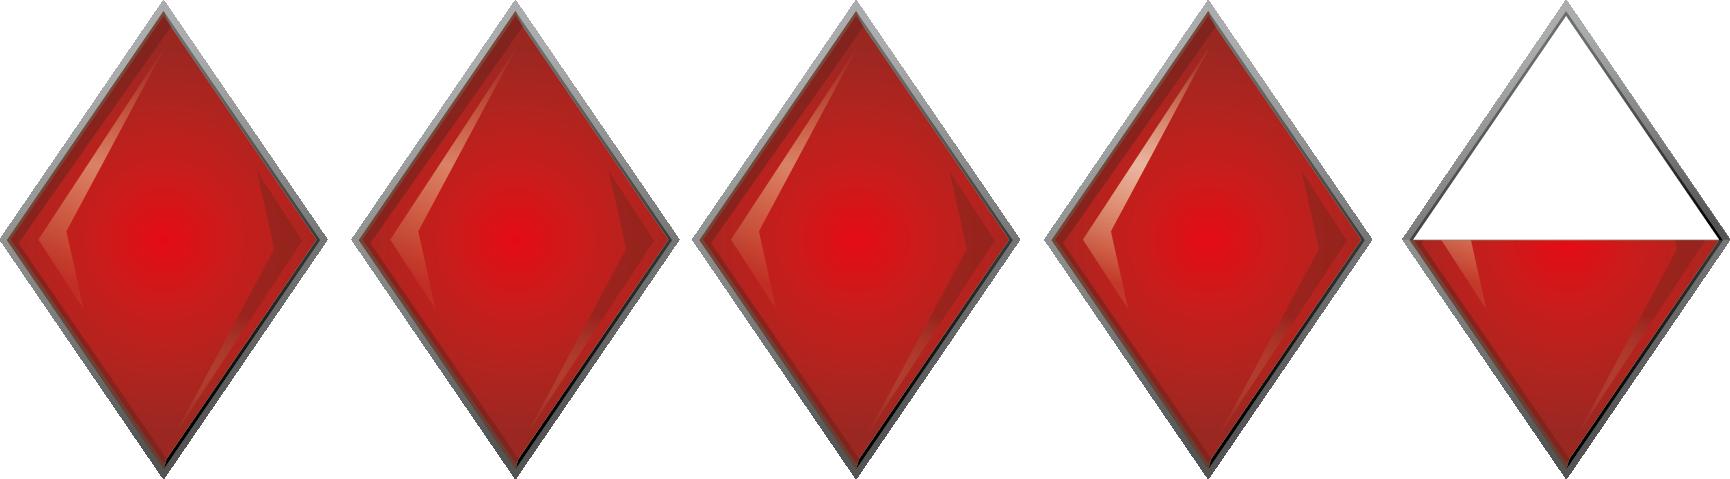 4.5 Diamond Blade Ranking